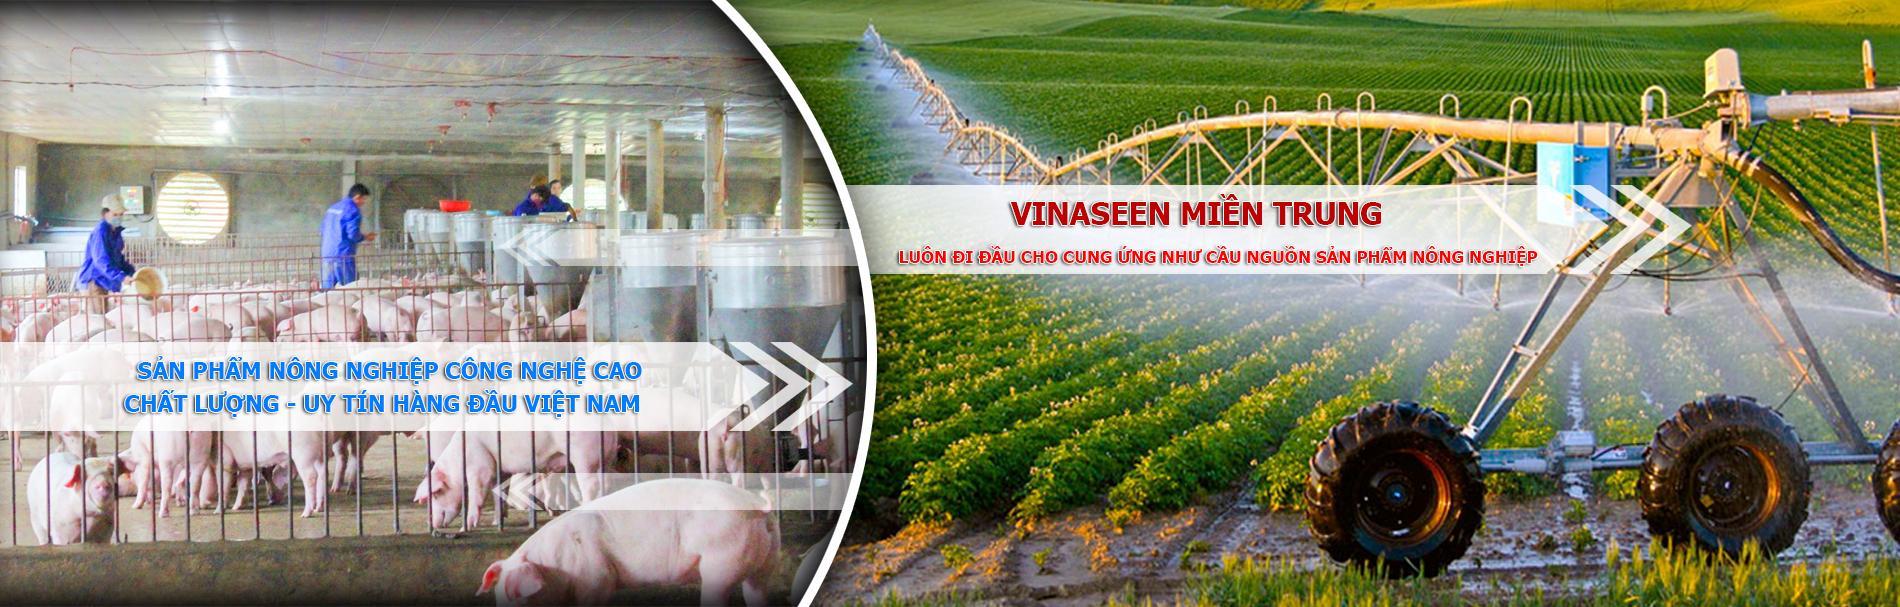 Sản phẩm nông nghiệp công nghệ cao